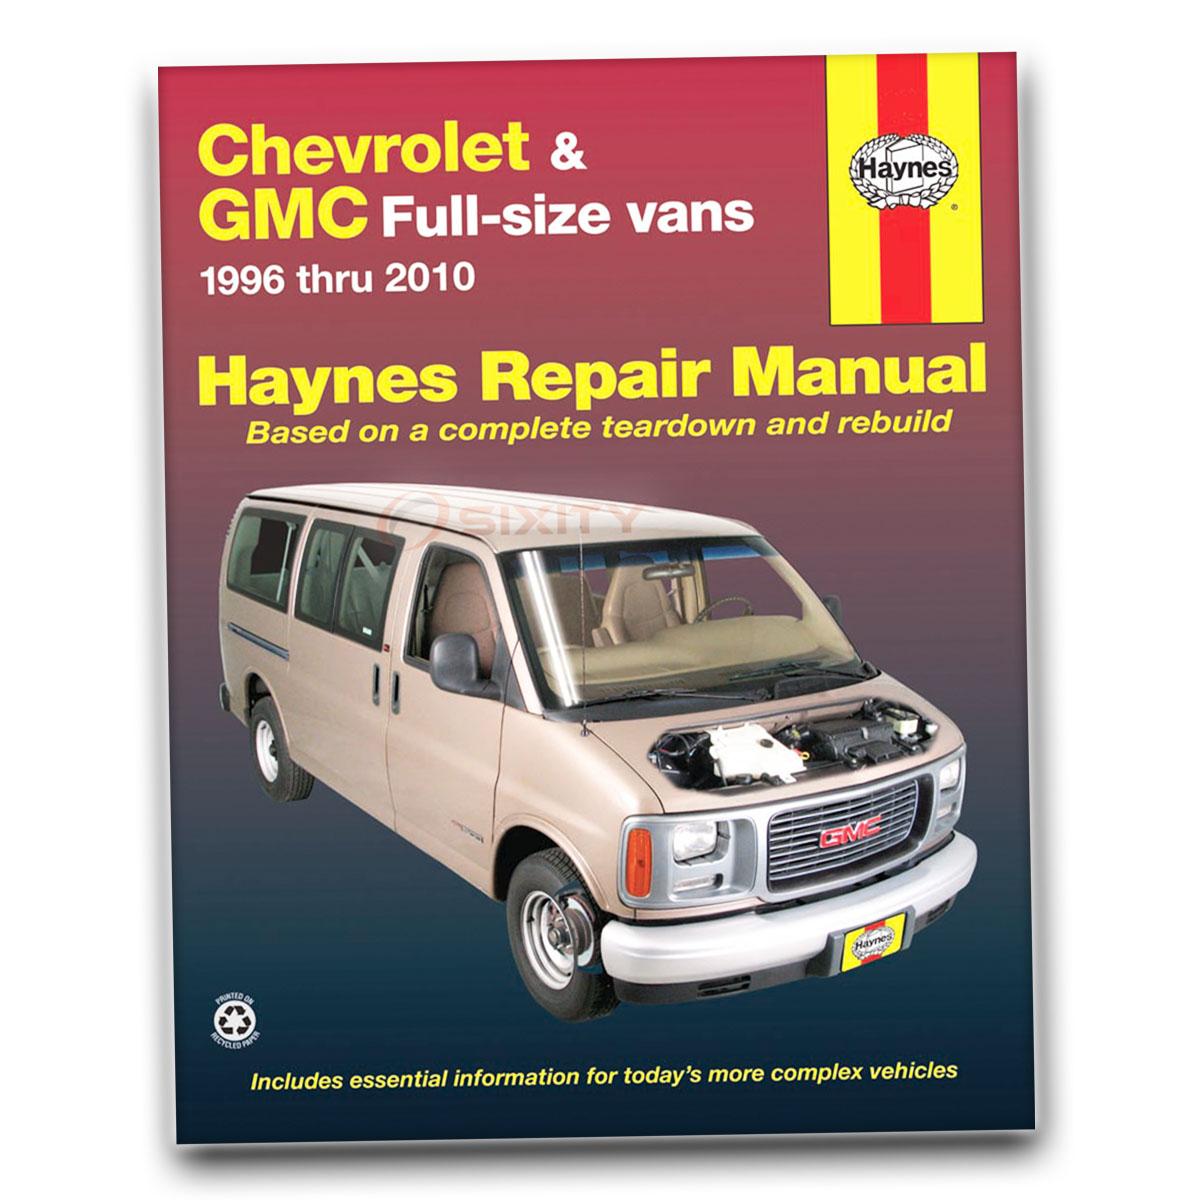 Haynes Repair Manual 24081 for Chevrolet GMC Full-size Vans 96-10 Shop lp